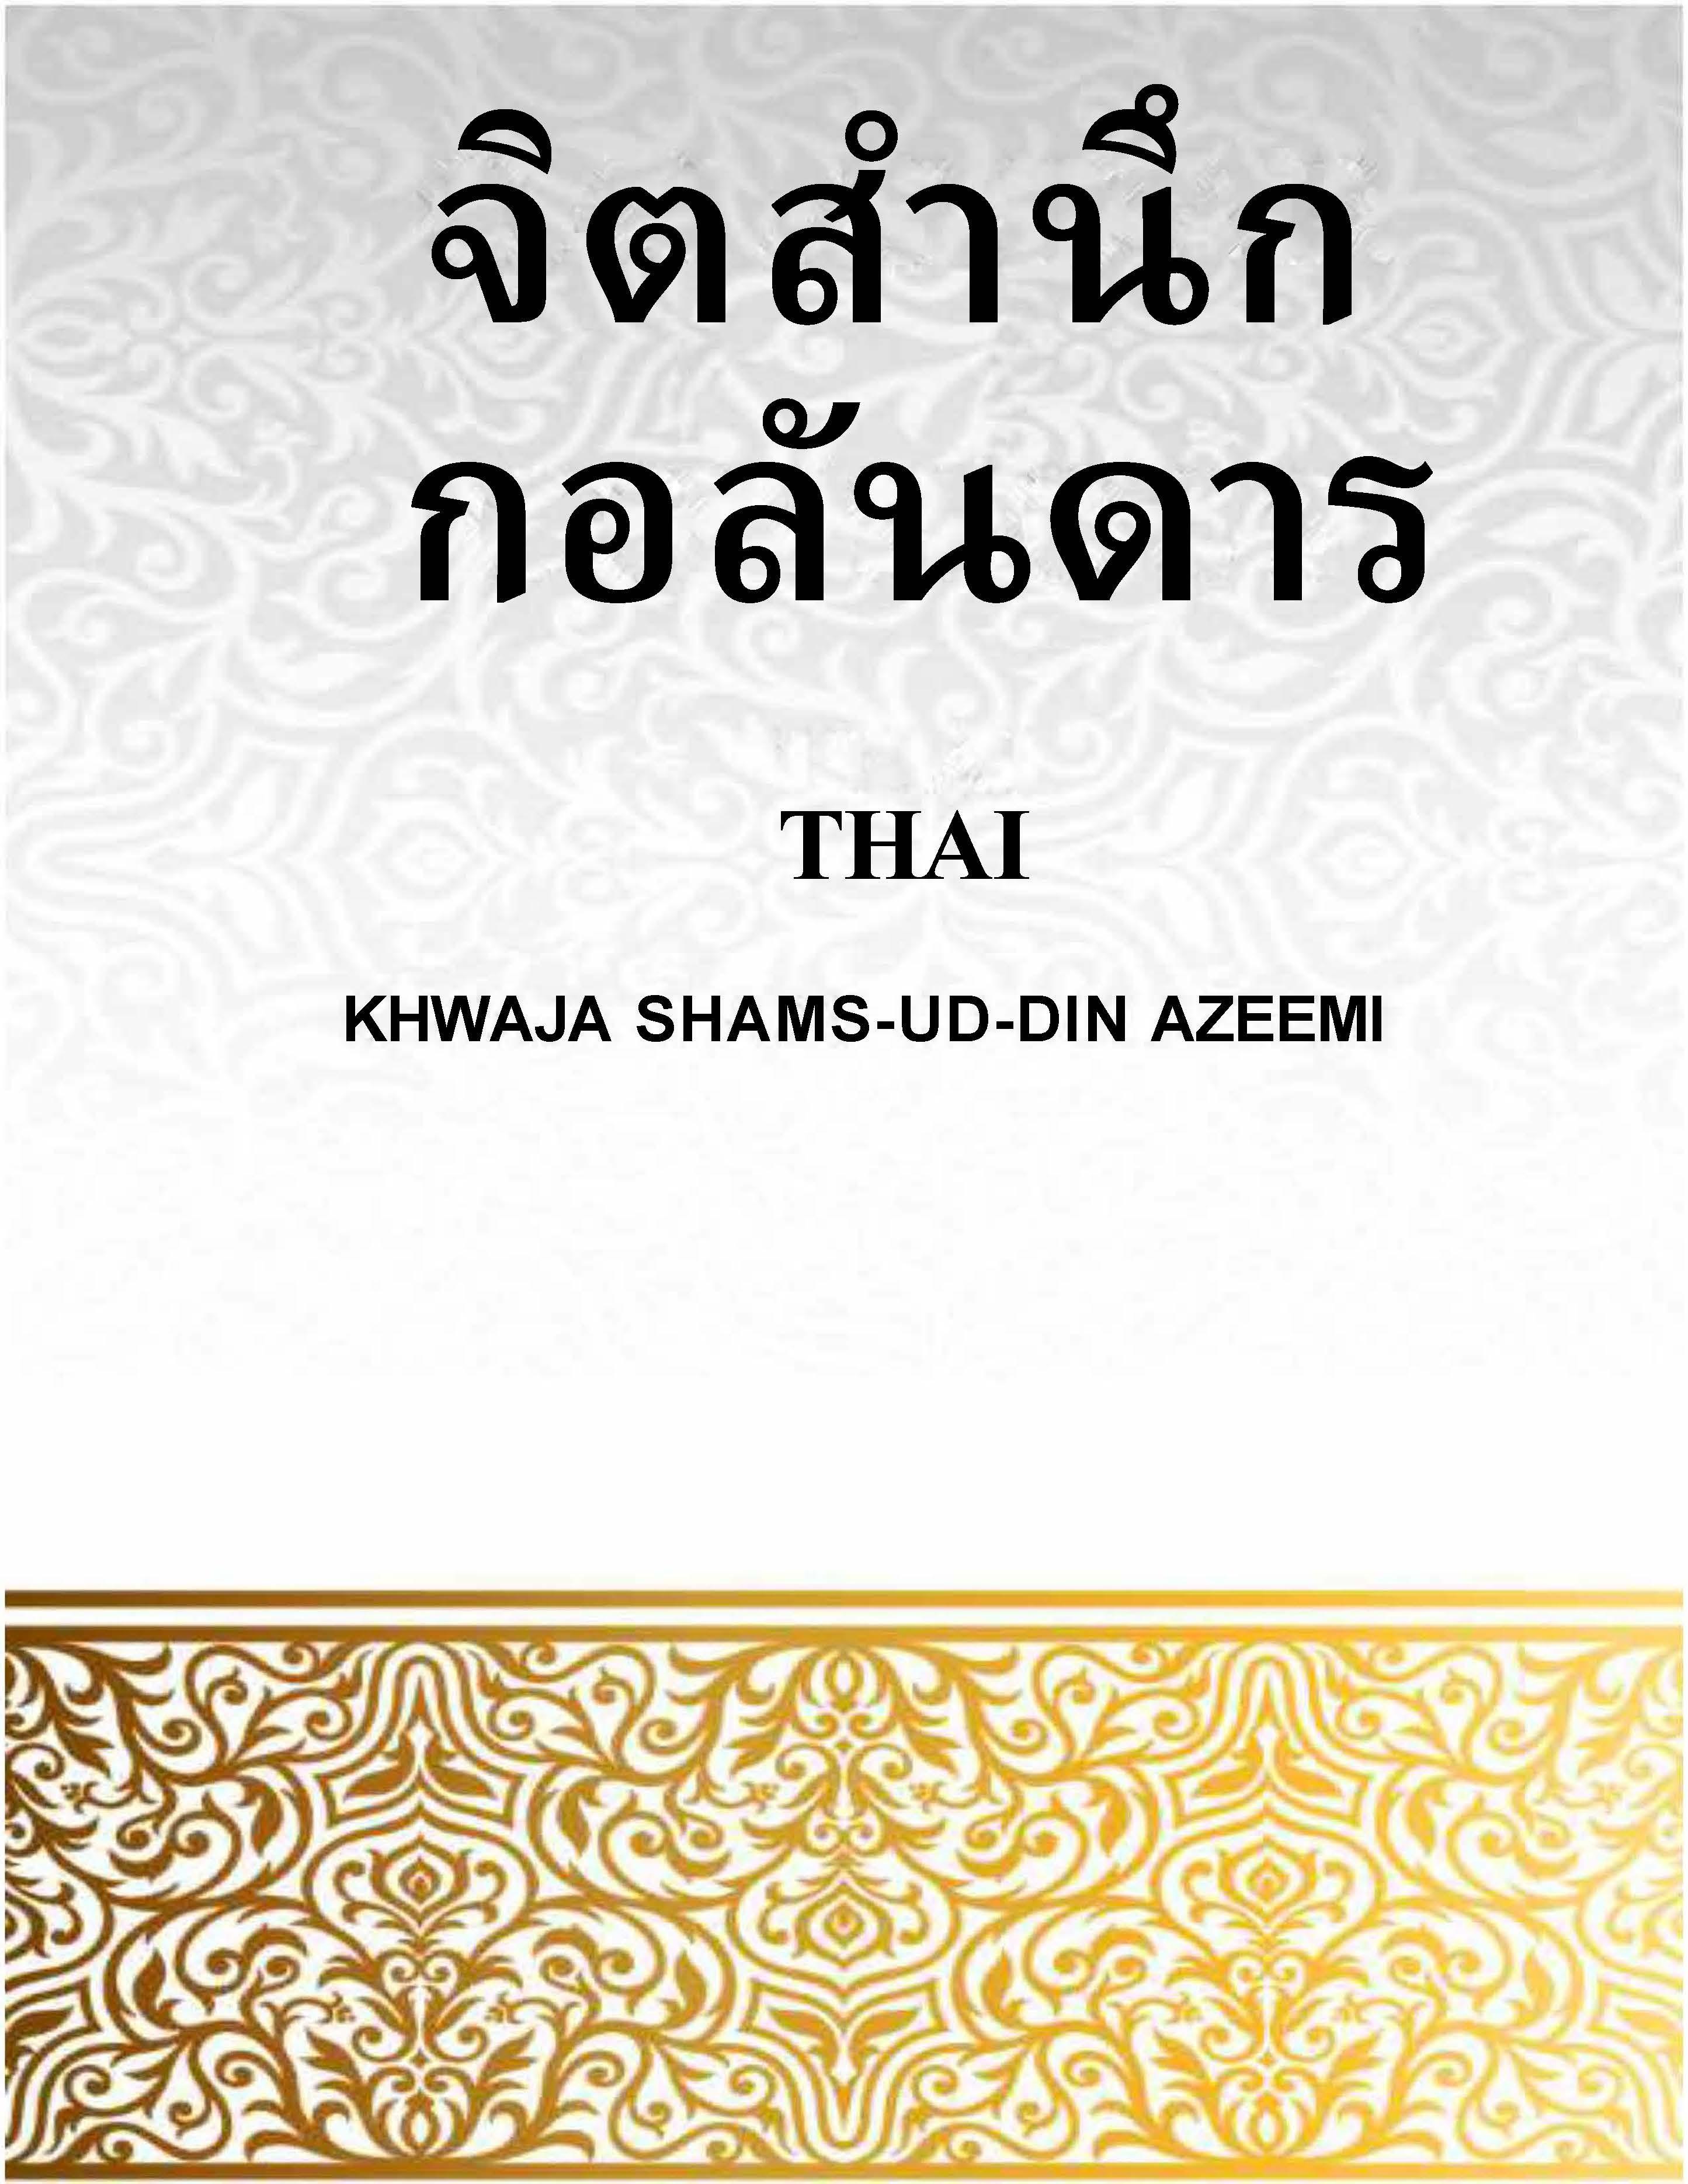 Qalandar Concious (THAI)